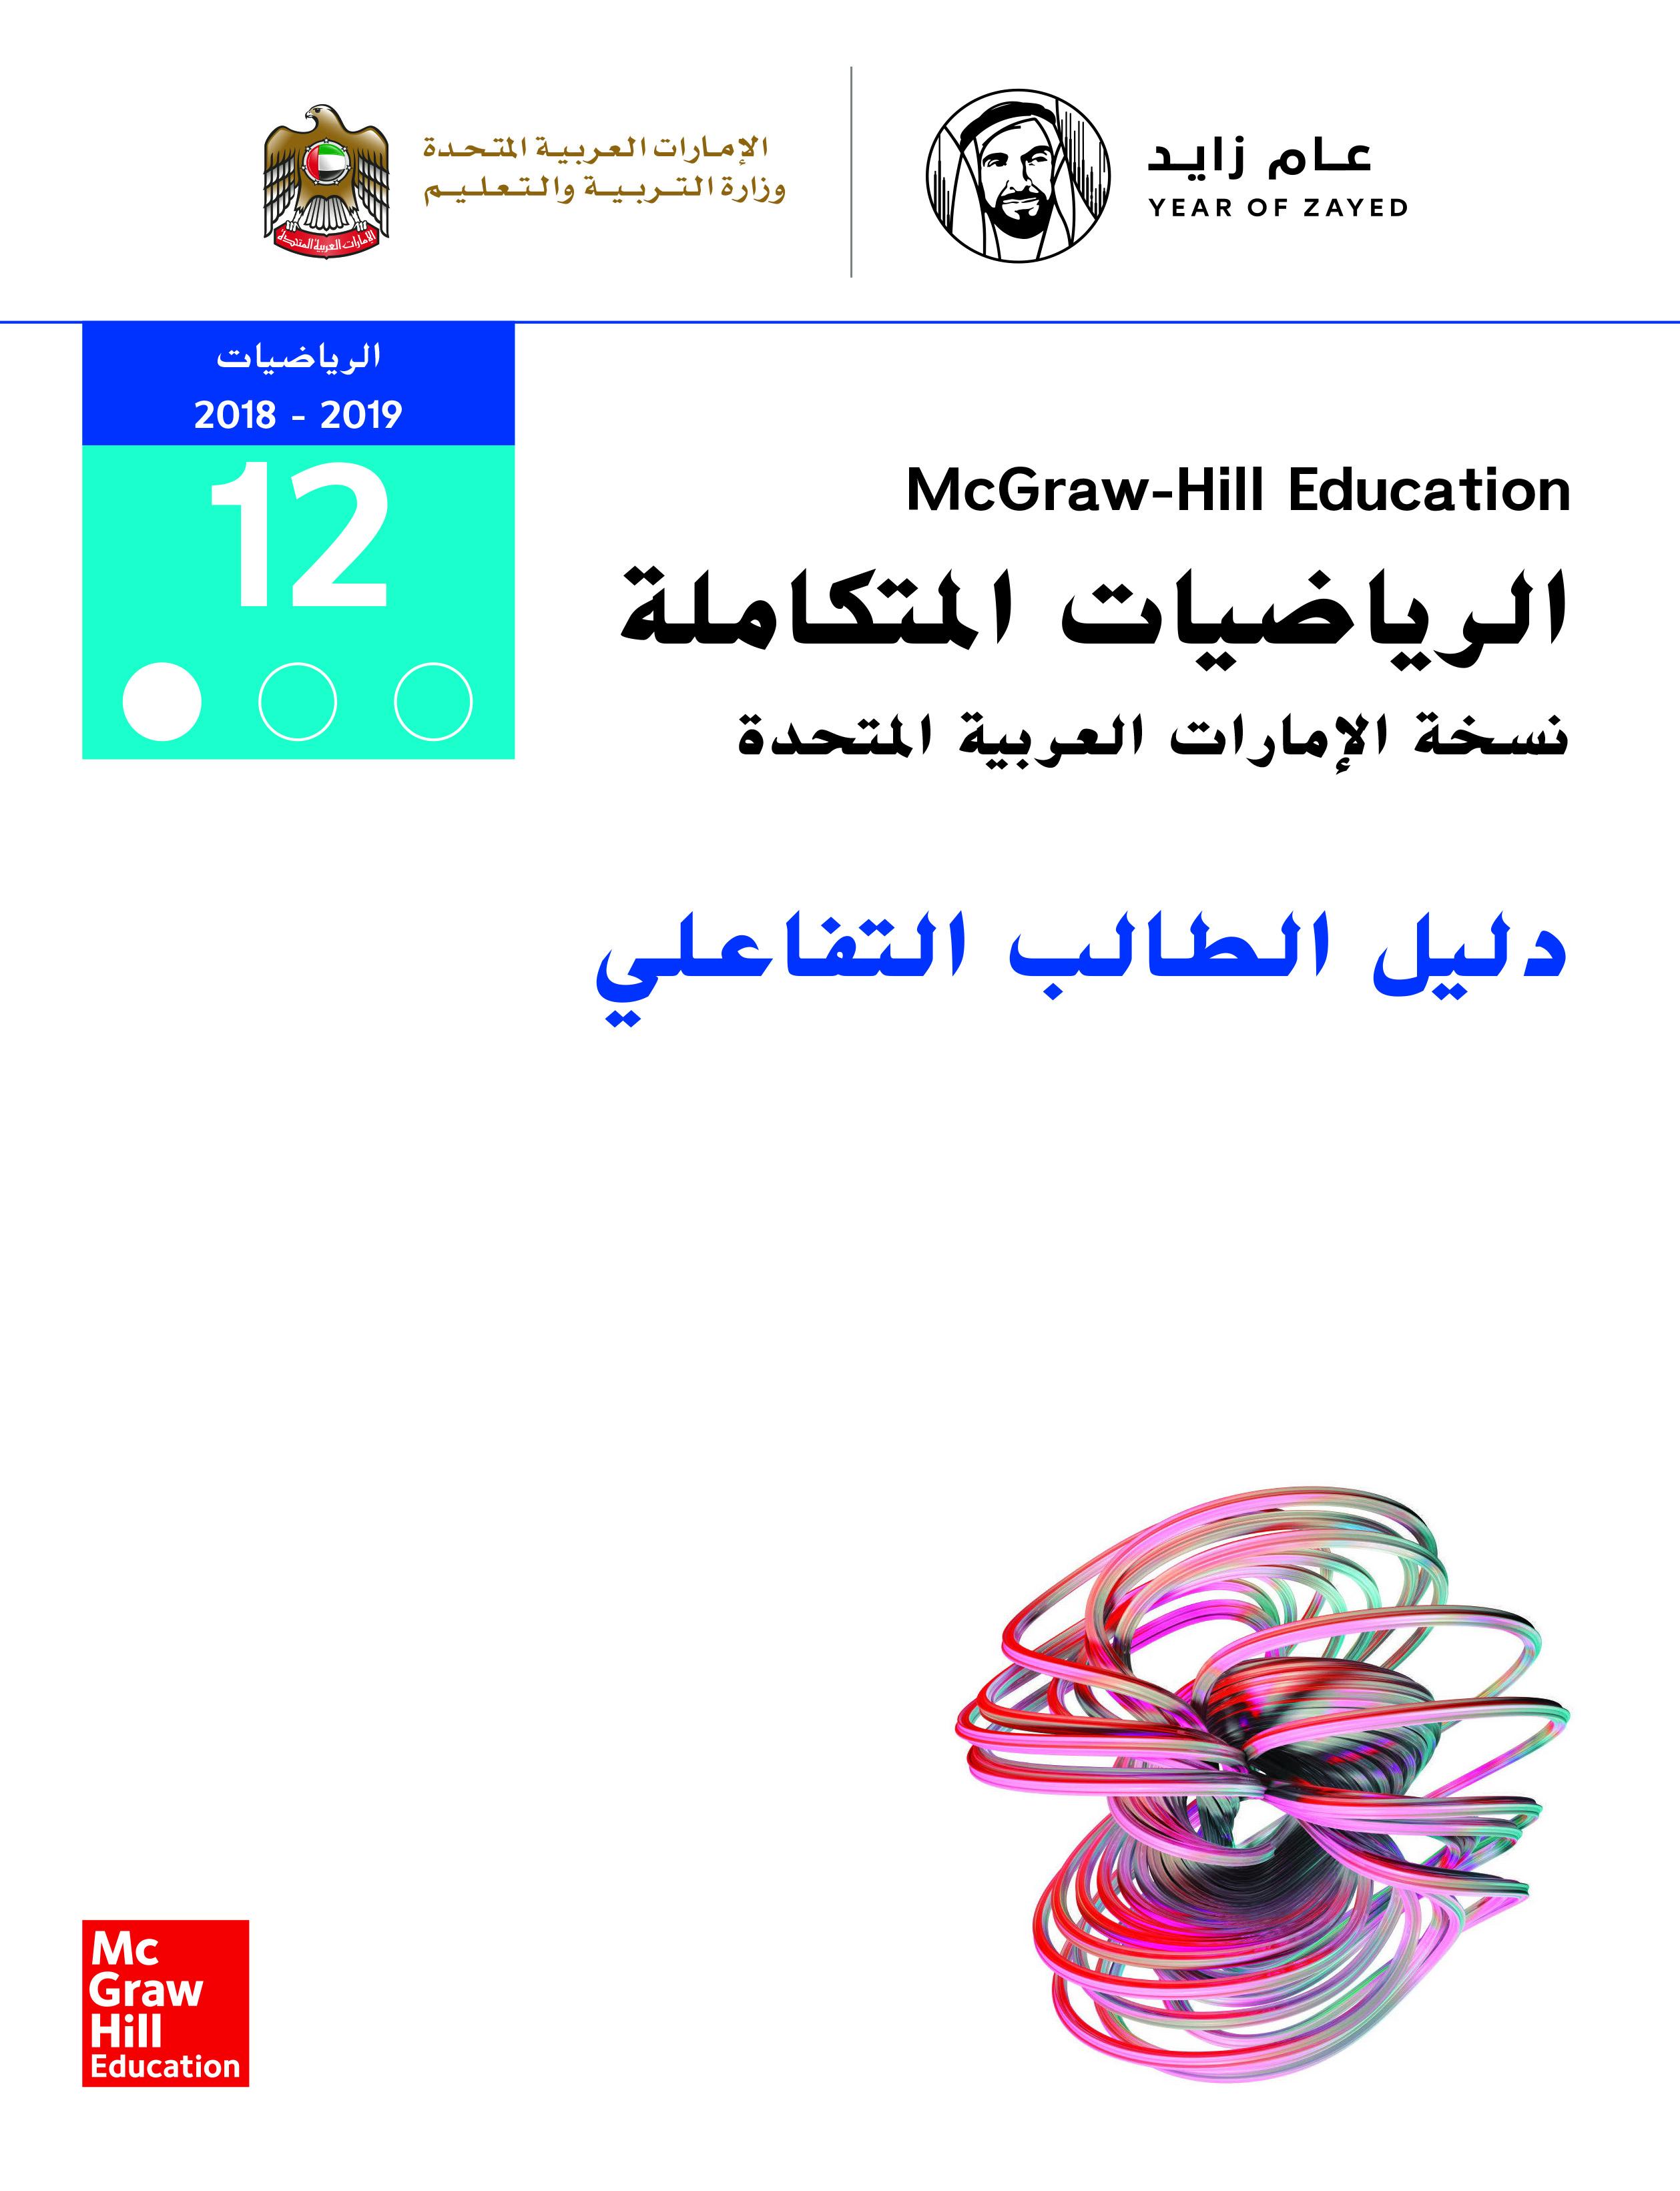 الرياضيات المتكاملة - دليل الطالب التفاعلي -كتاب الطالب - الصف الثاني عشر العام - الجزء الأول